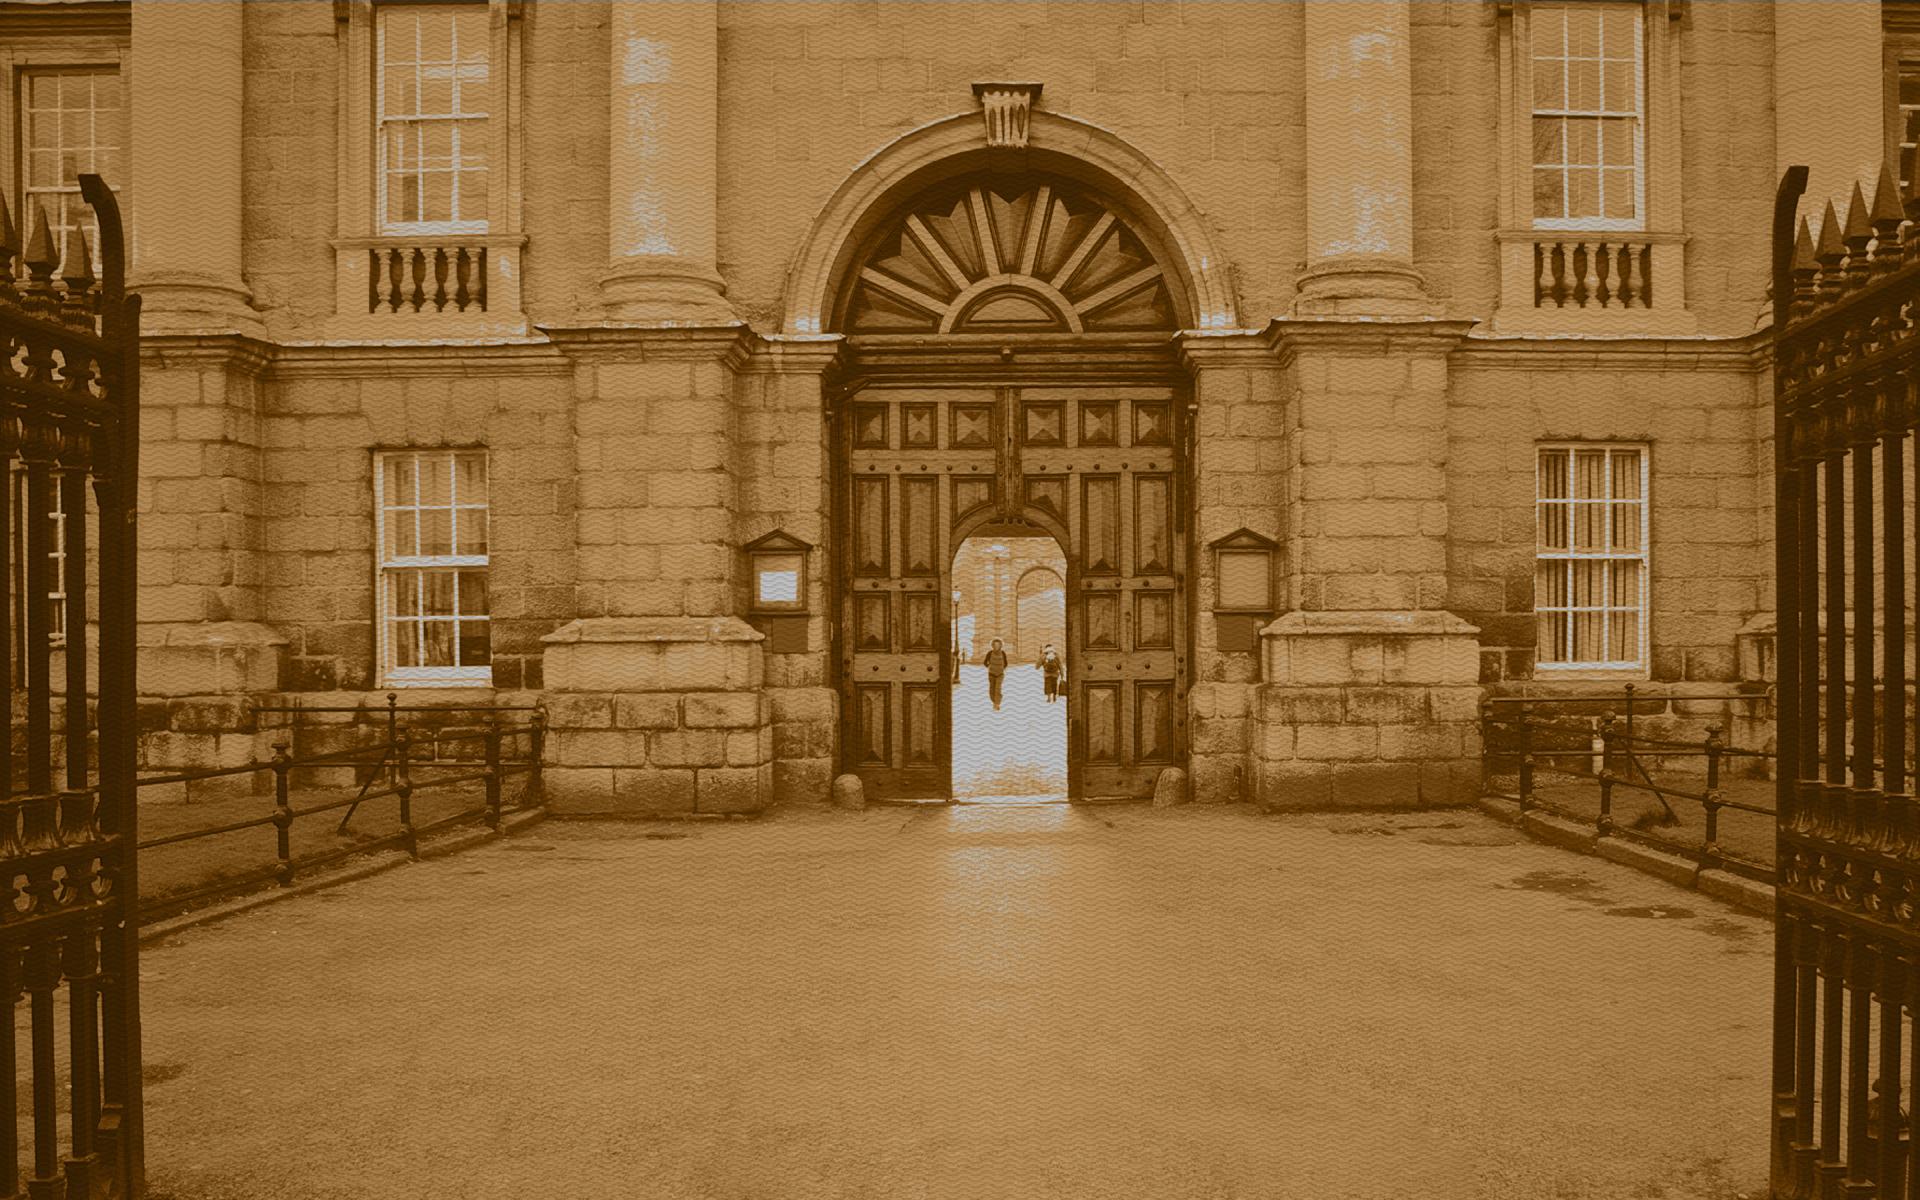 Conseil en gestion de patrimoine indépendant